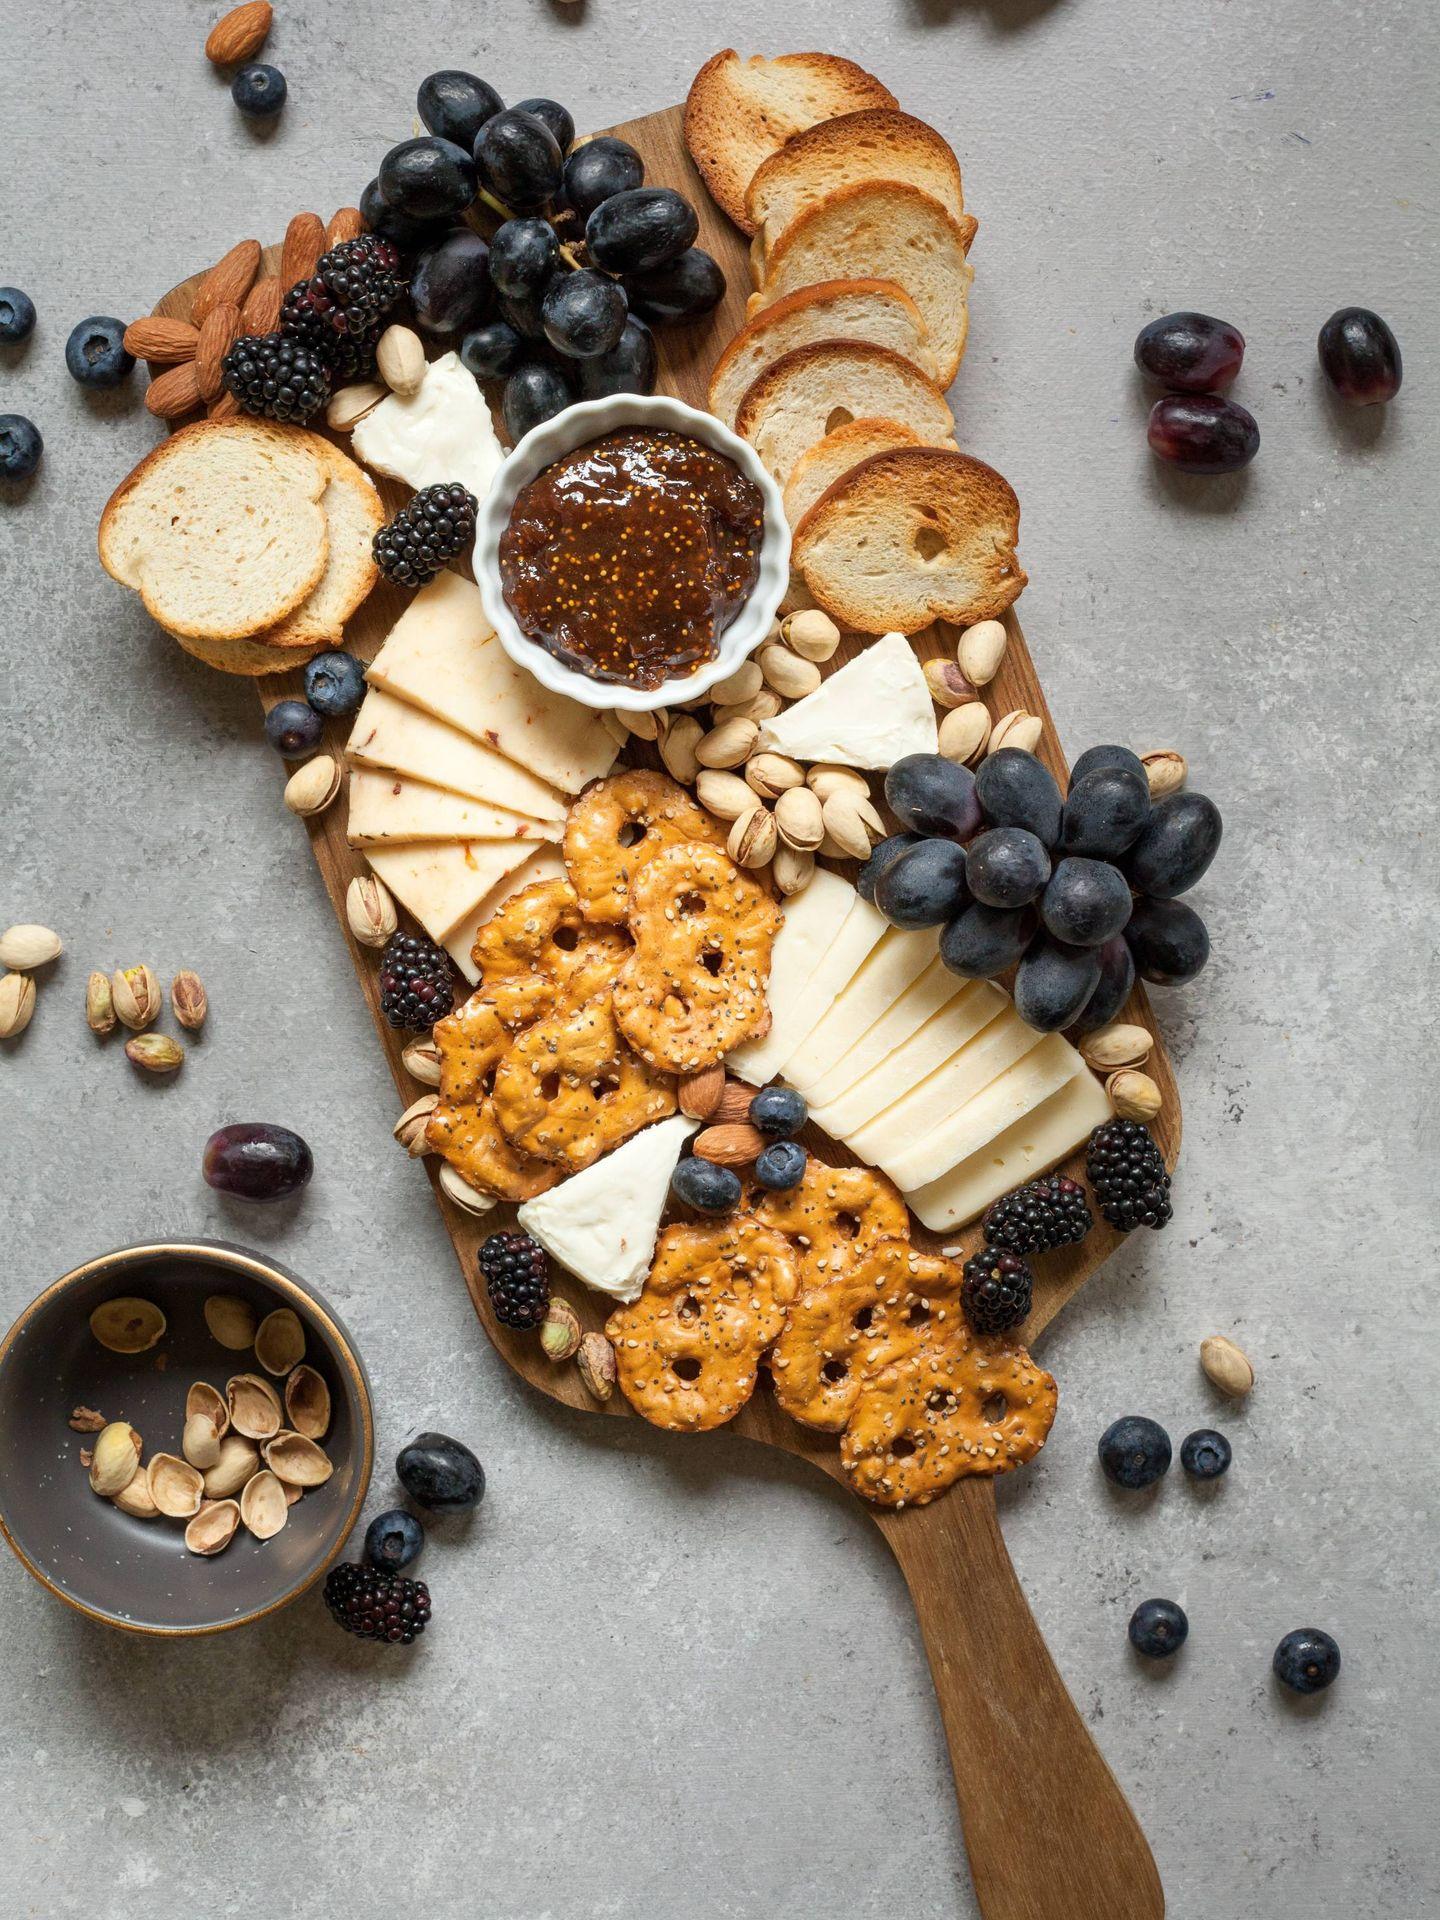 Adelgaza incluyendo los pistachos en tu dieta. (Lindsay Moe para Unsplash)